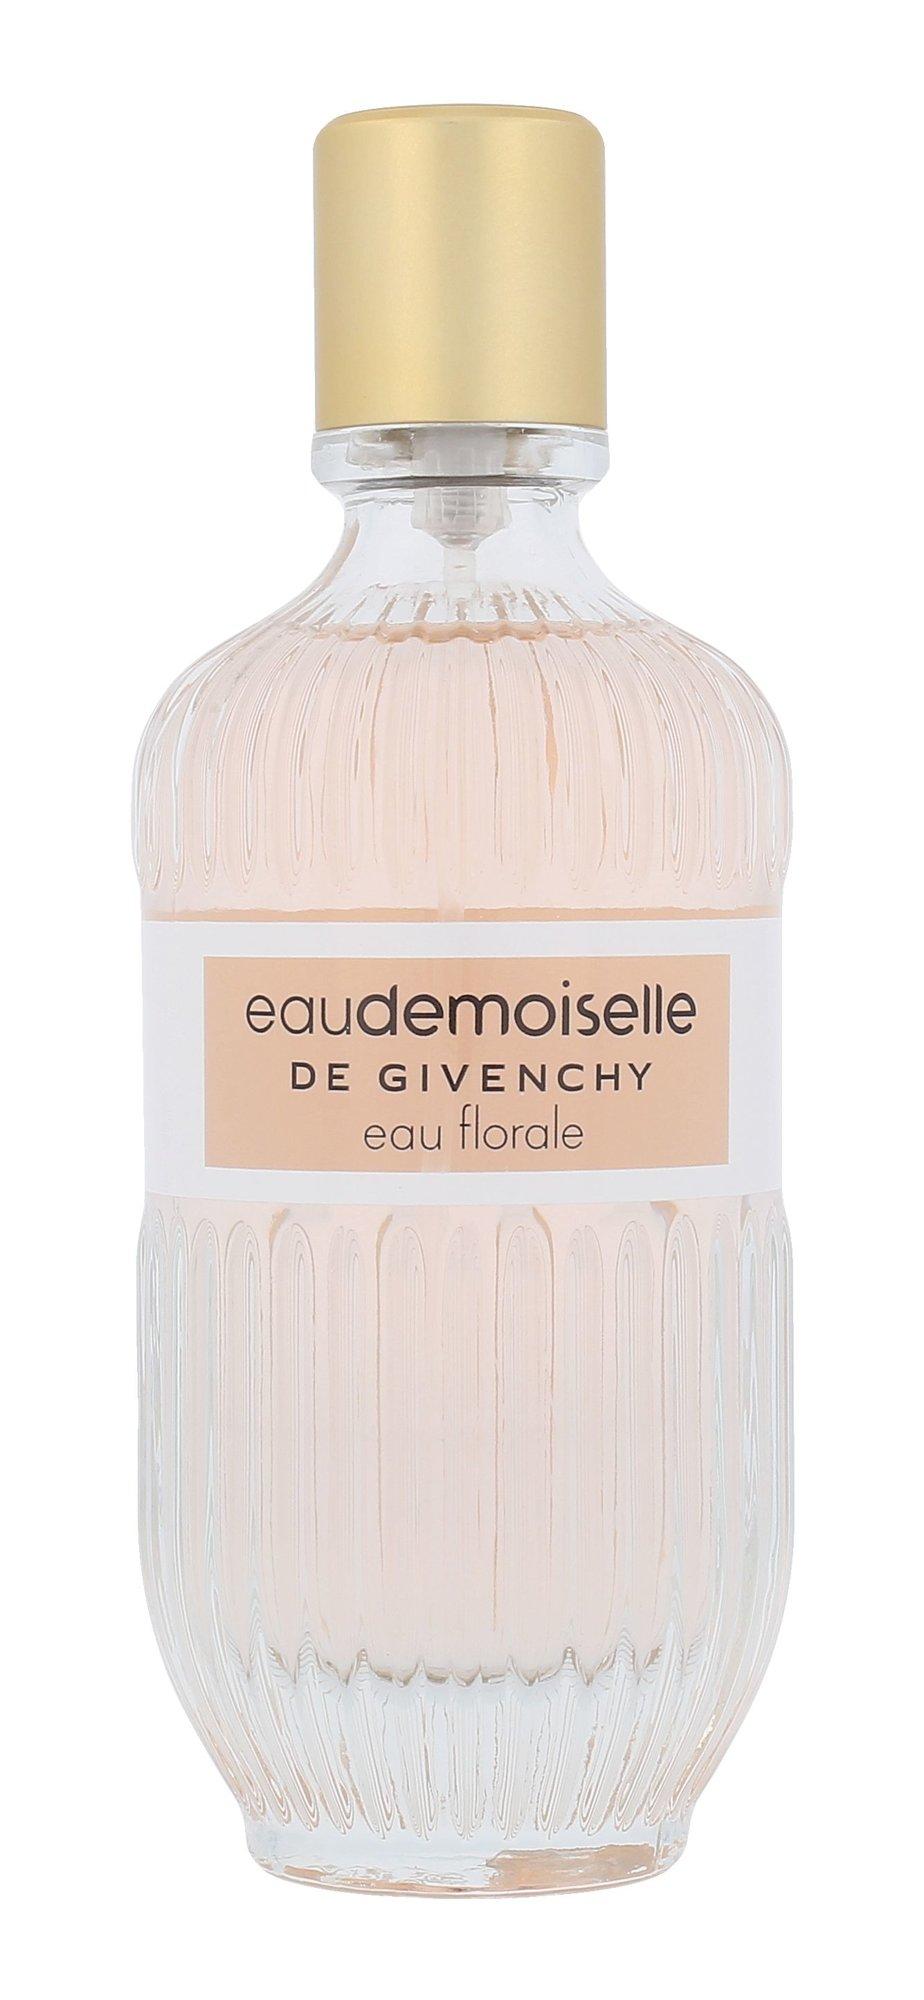 Givenchy Eaudemoiselle Eau Florale EDT 100ml